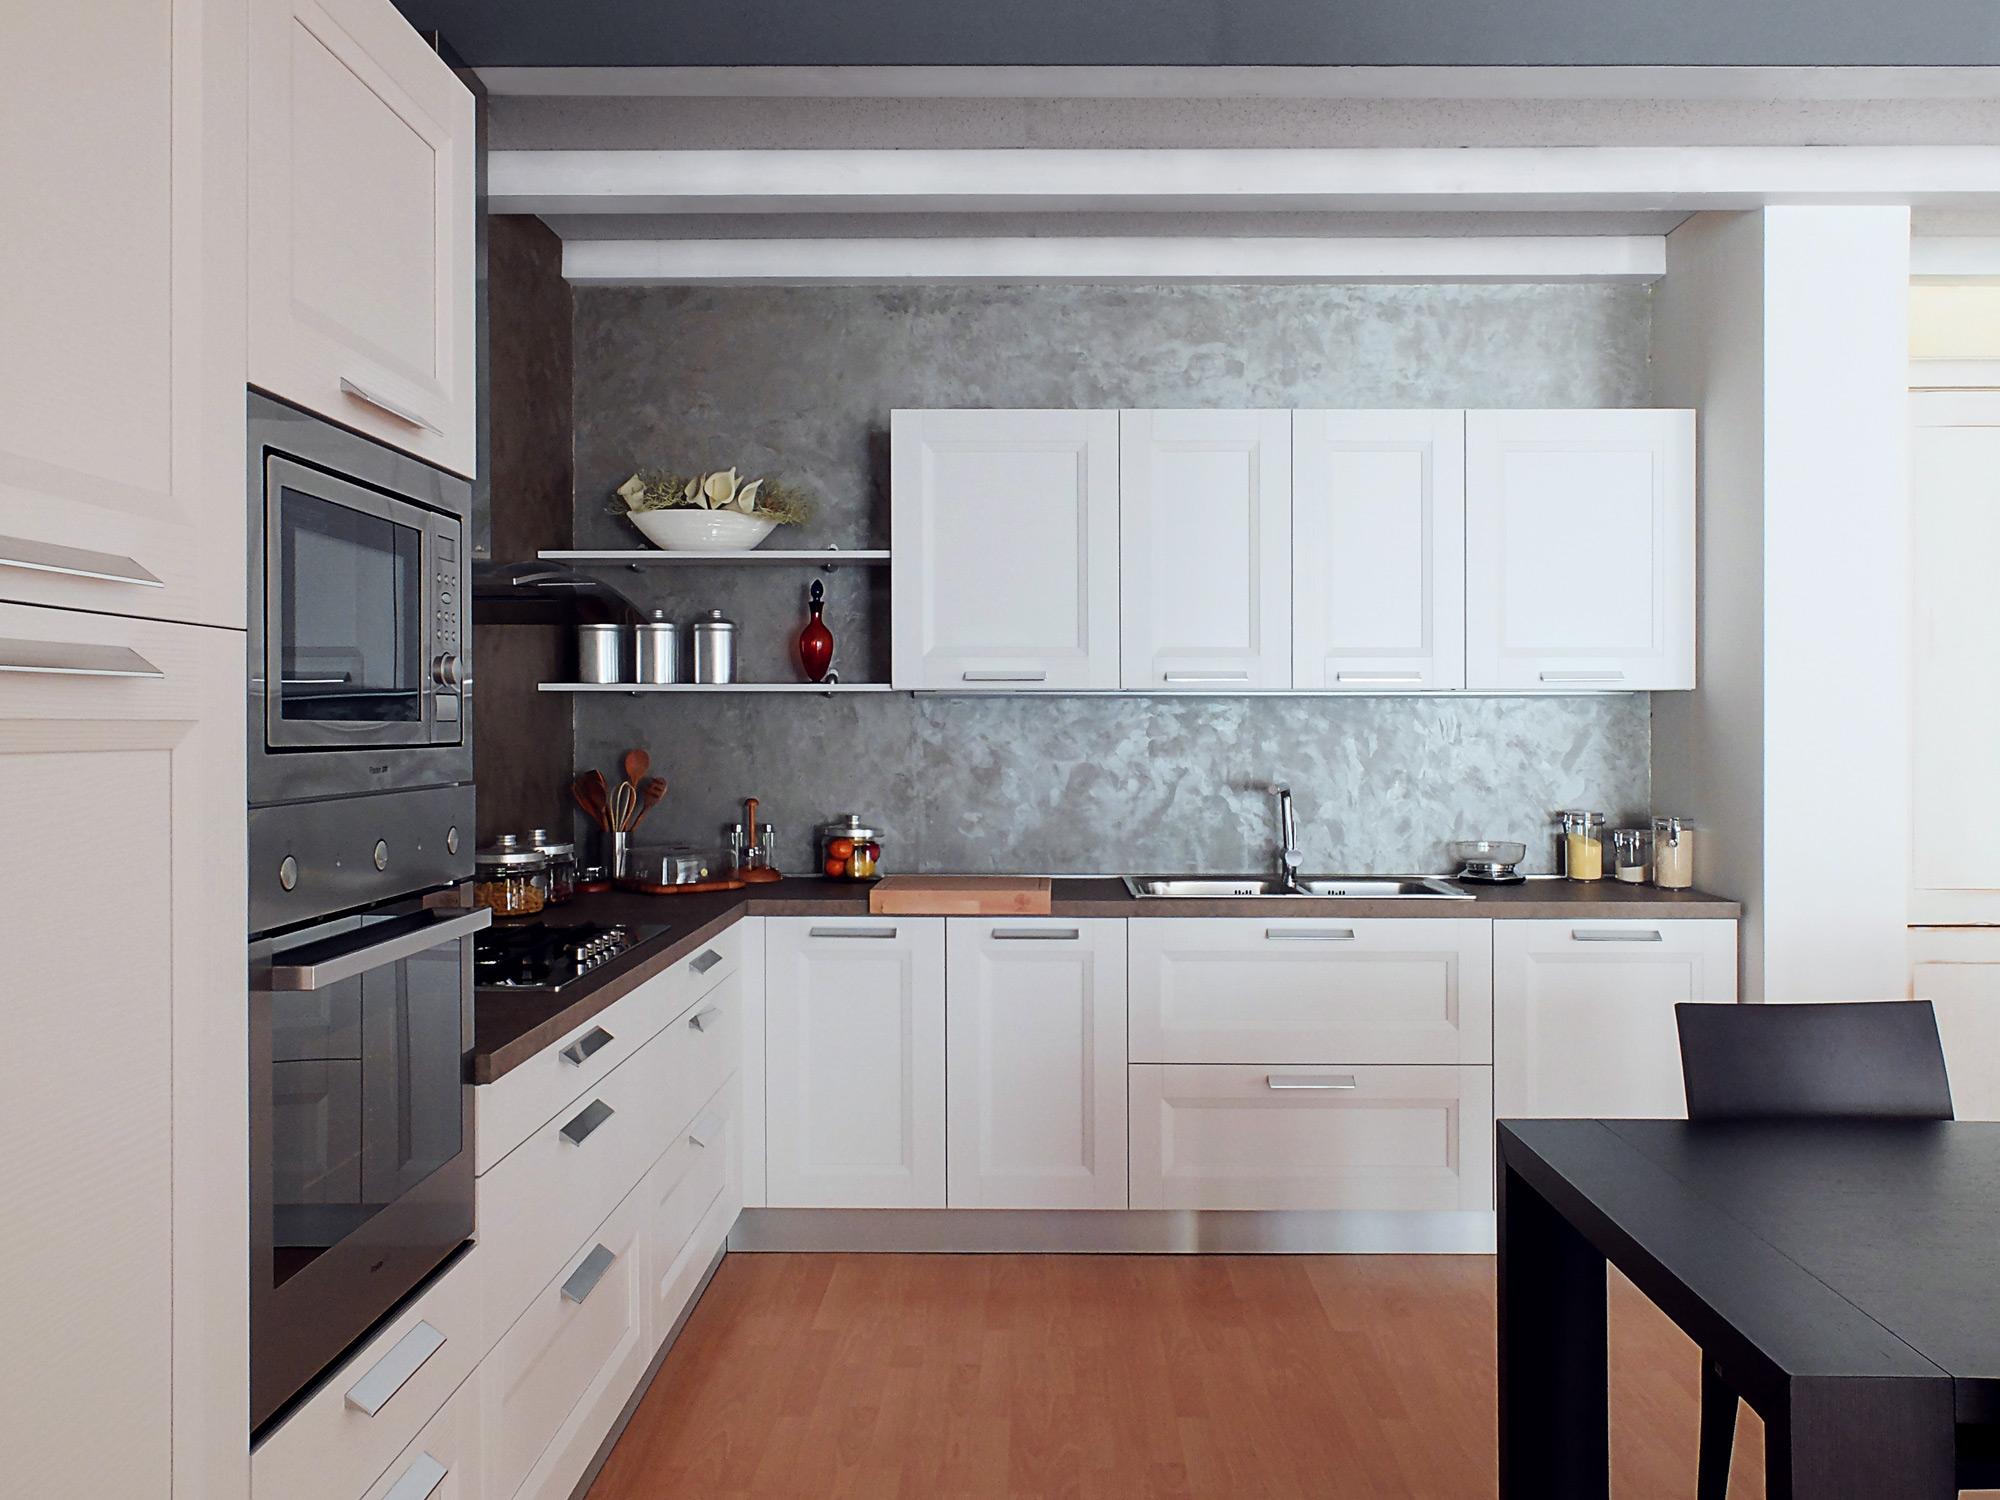 Cucine Zecchinon Idee Per La Casa Phxated Com